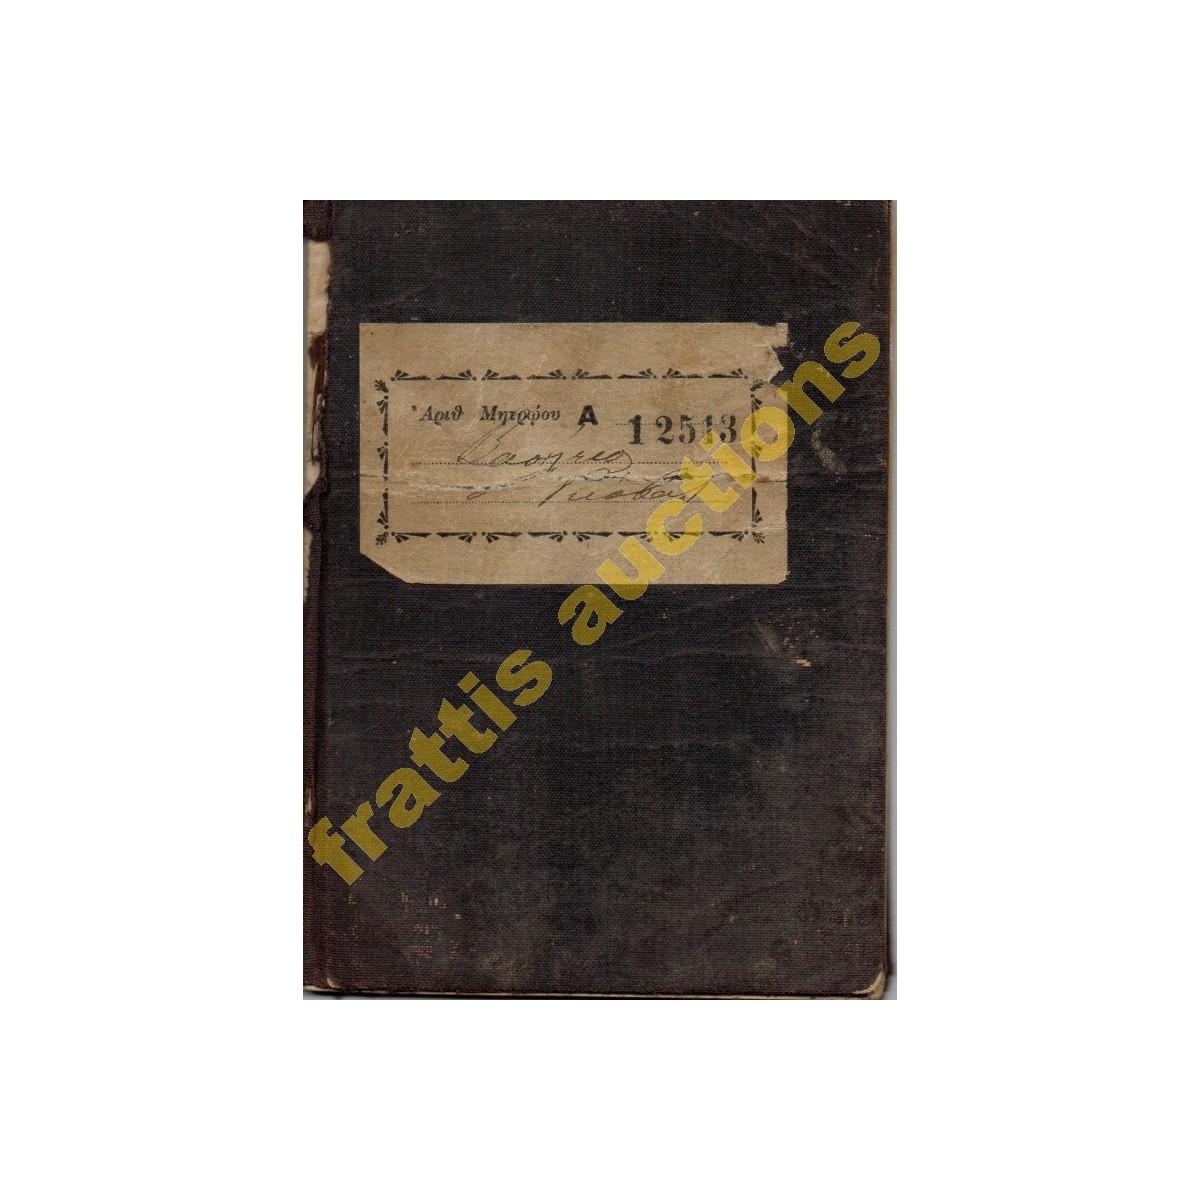 ΕΛΛΗΝΙΚΟΝ ΕΜΠΟΡΙΚΟΝ ΝΑΥΤΙΚΟΝ, φυλλάδιον απογραφής 1916.